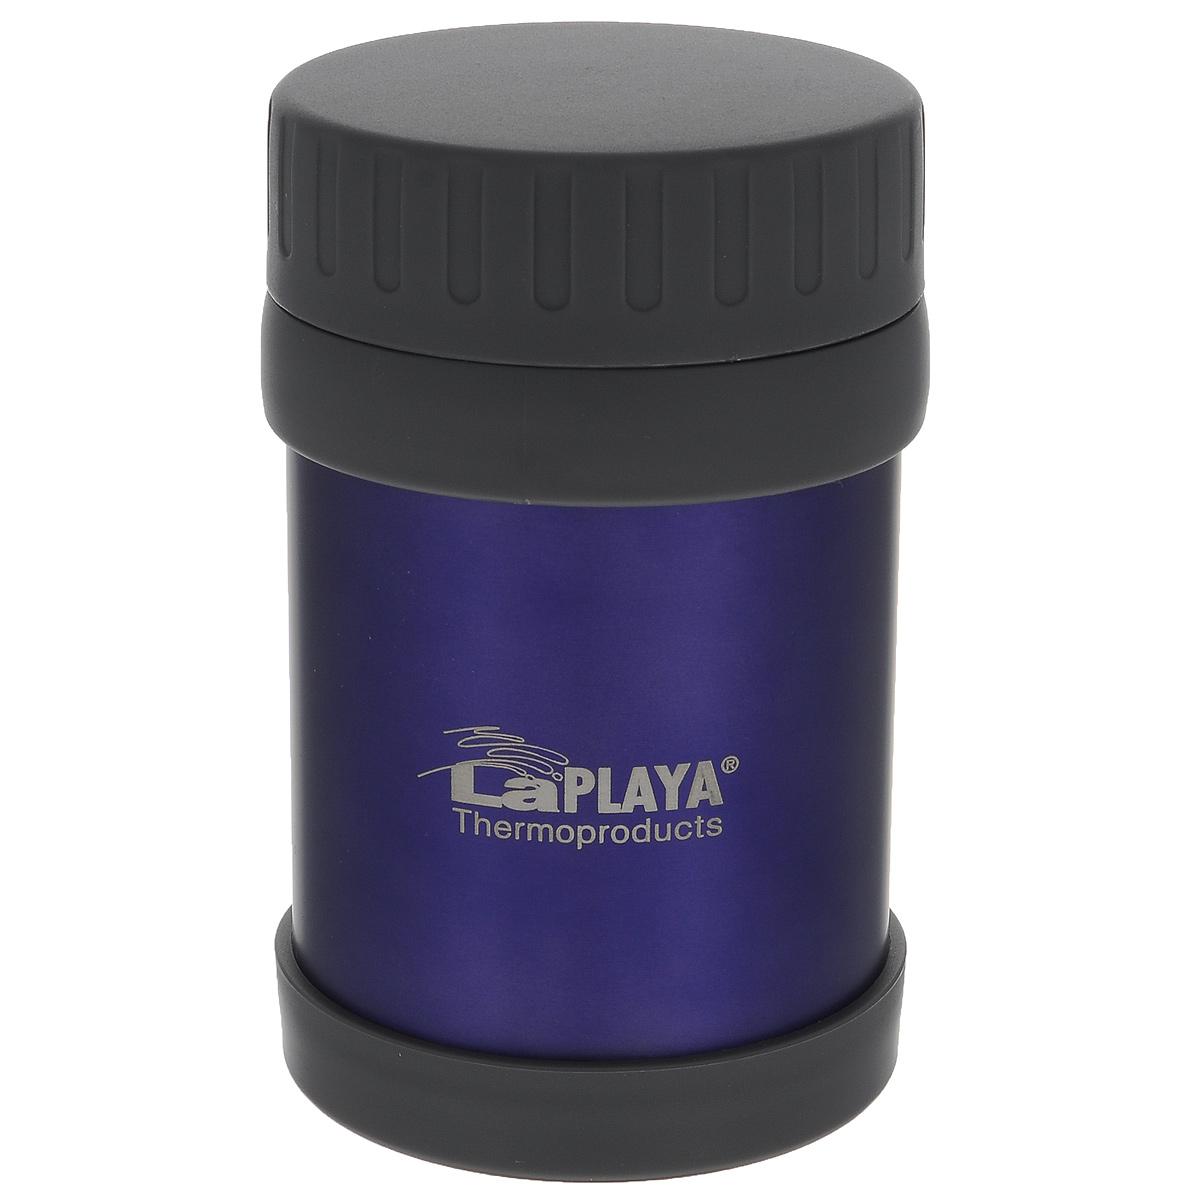 Термос LaPlaya JMG, цвет: фиолетовый, 350 мл laplaya термос купить